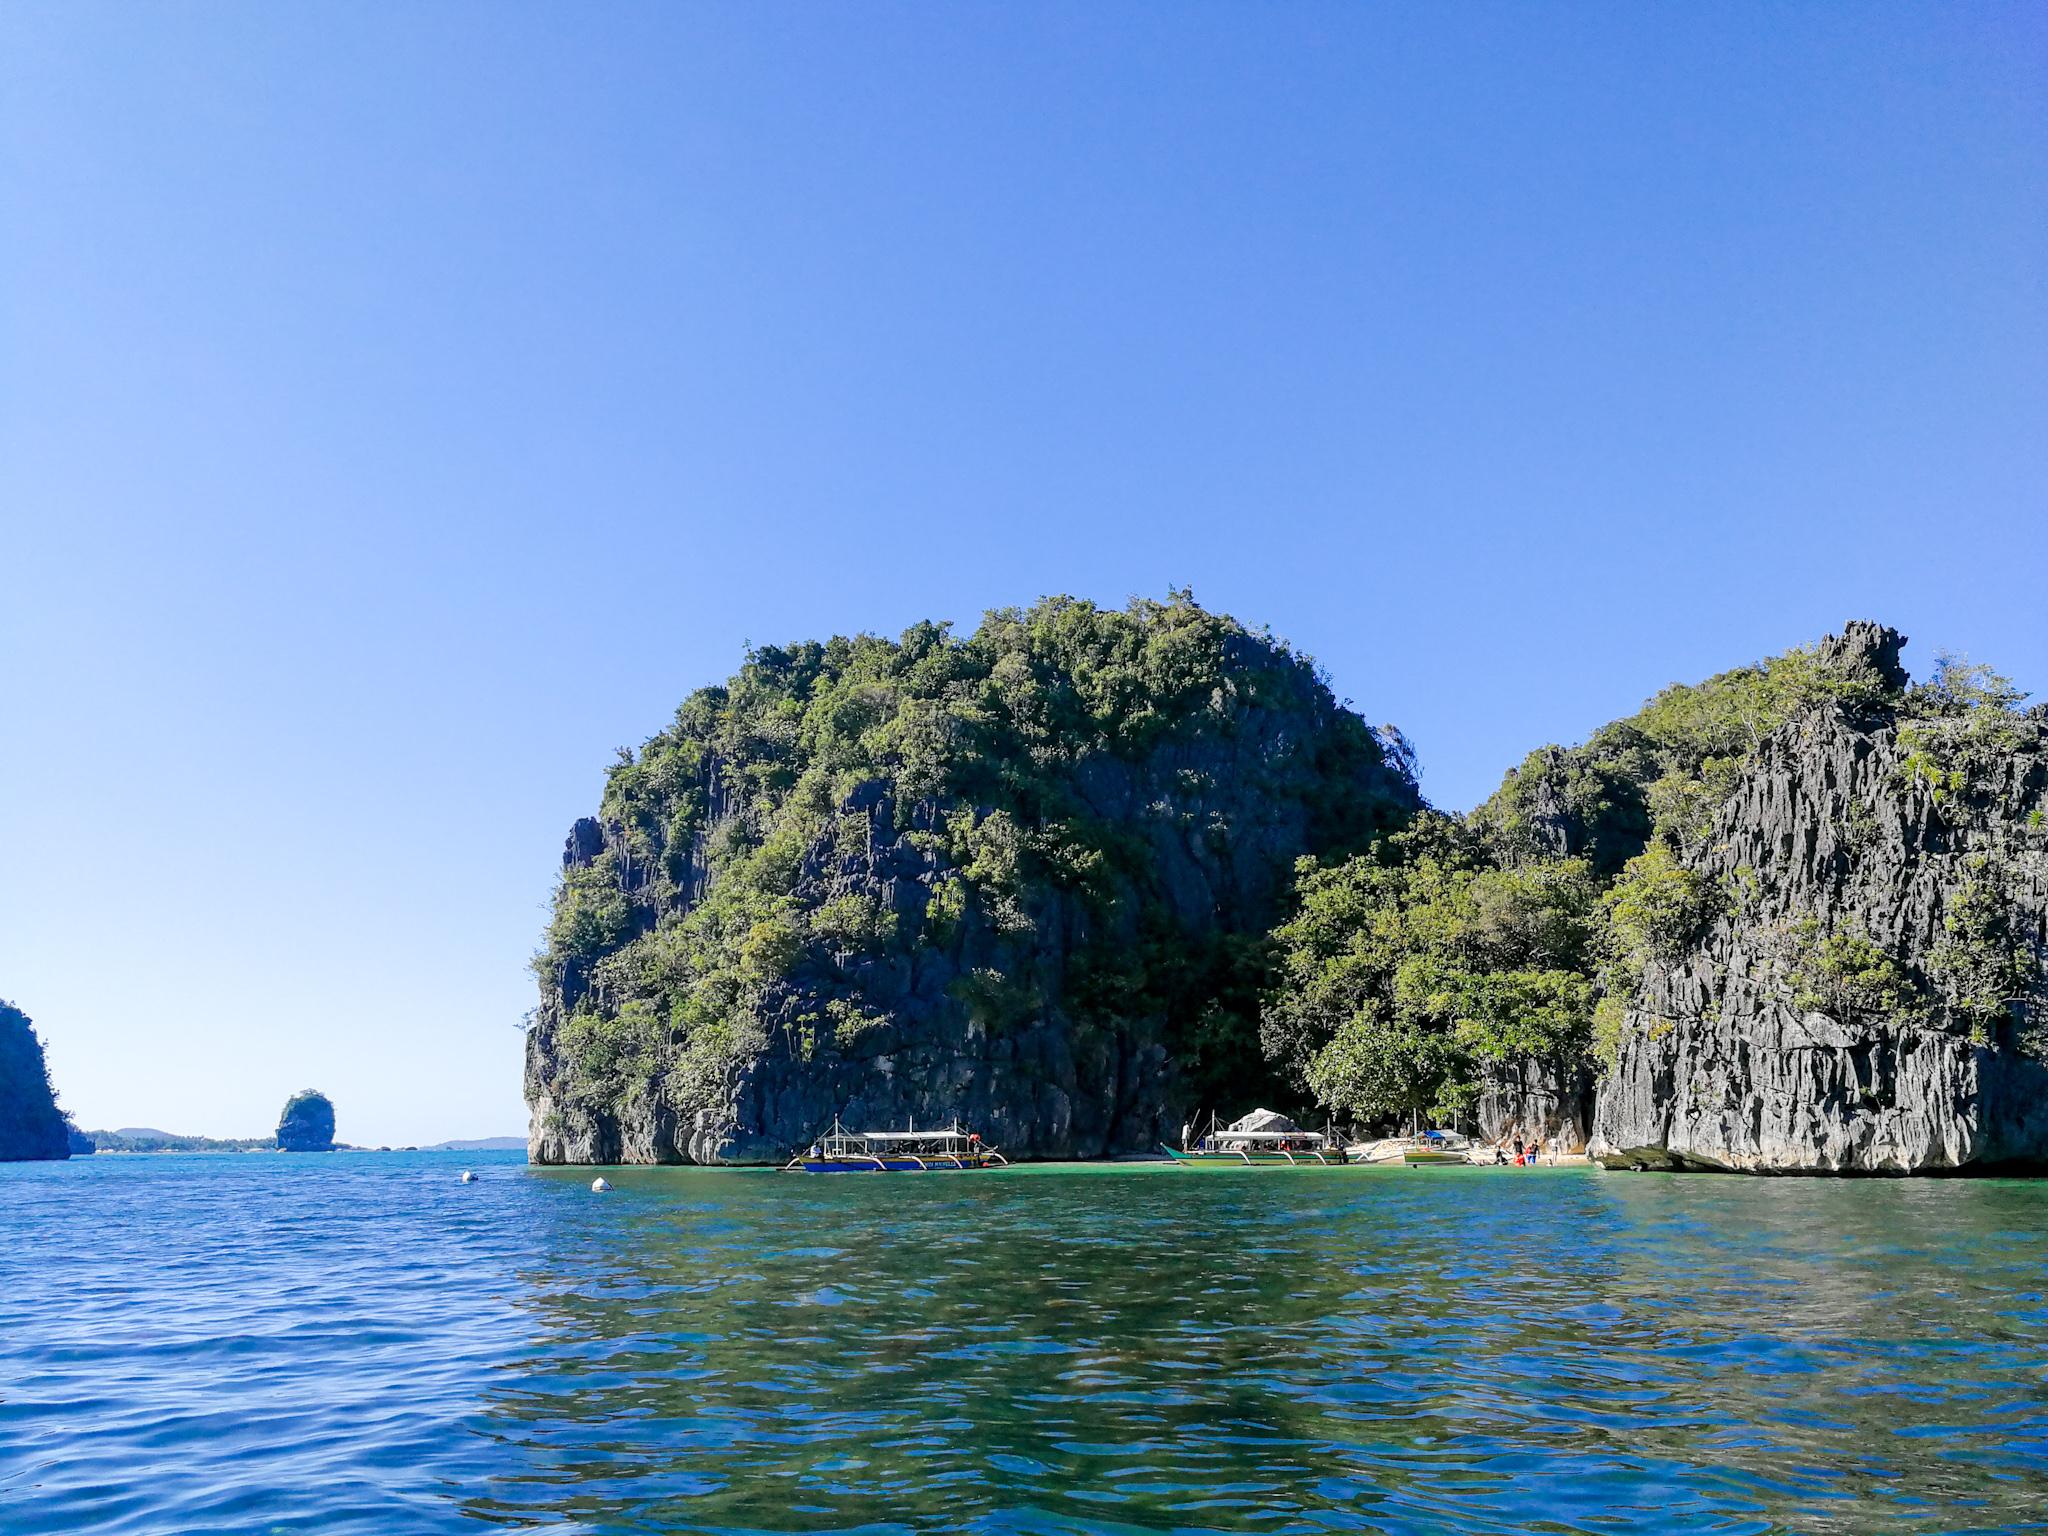 kagbalinad island | themhayonnaise